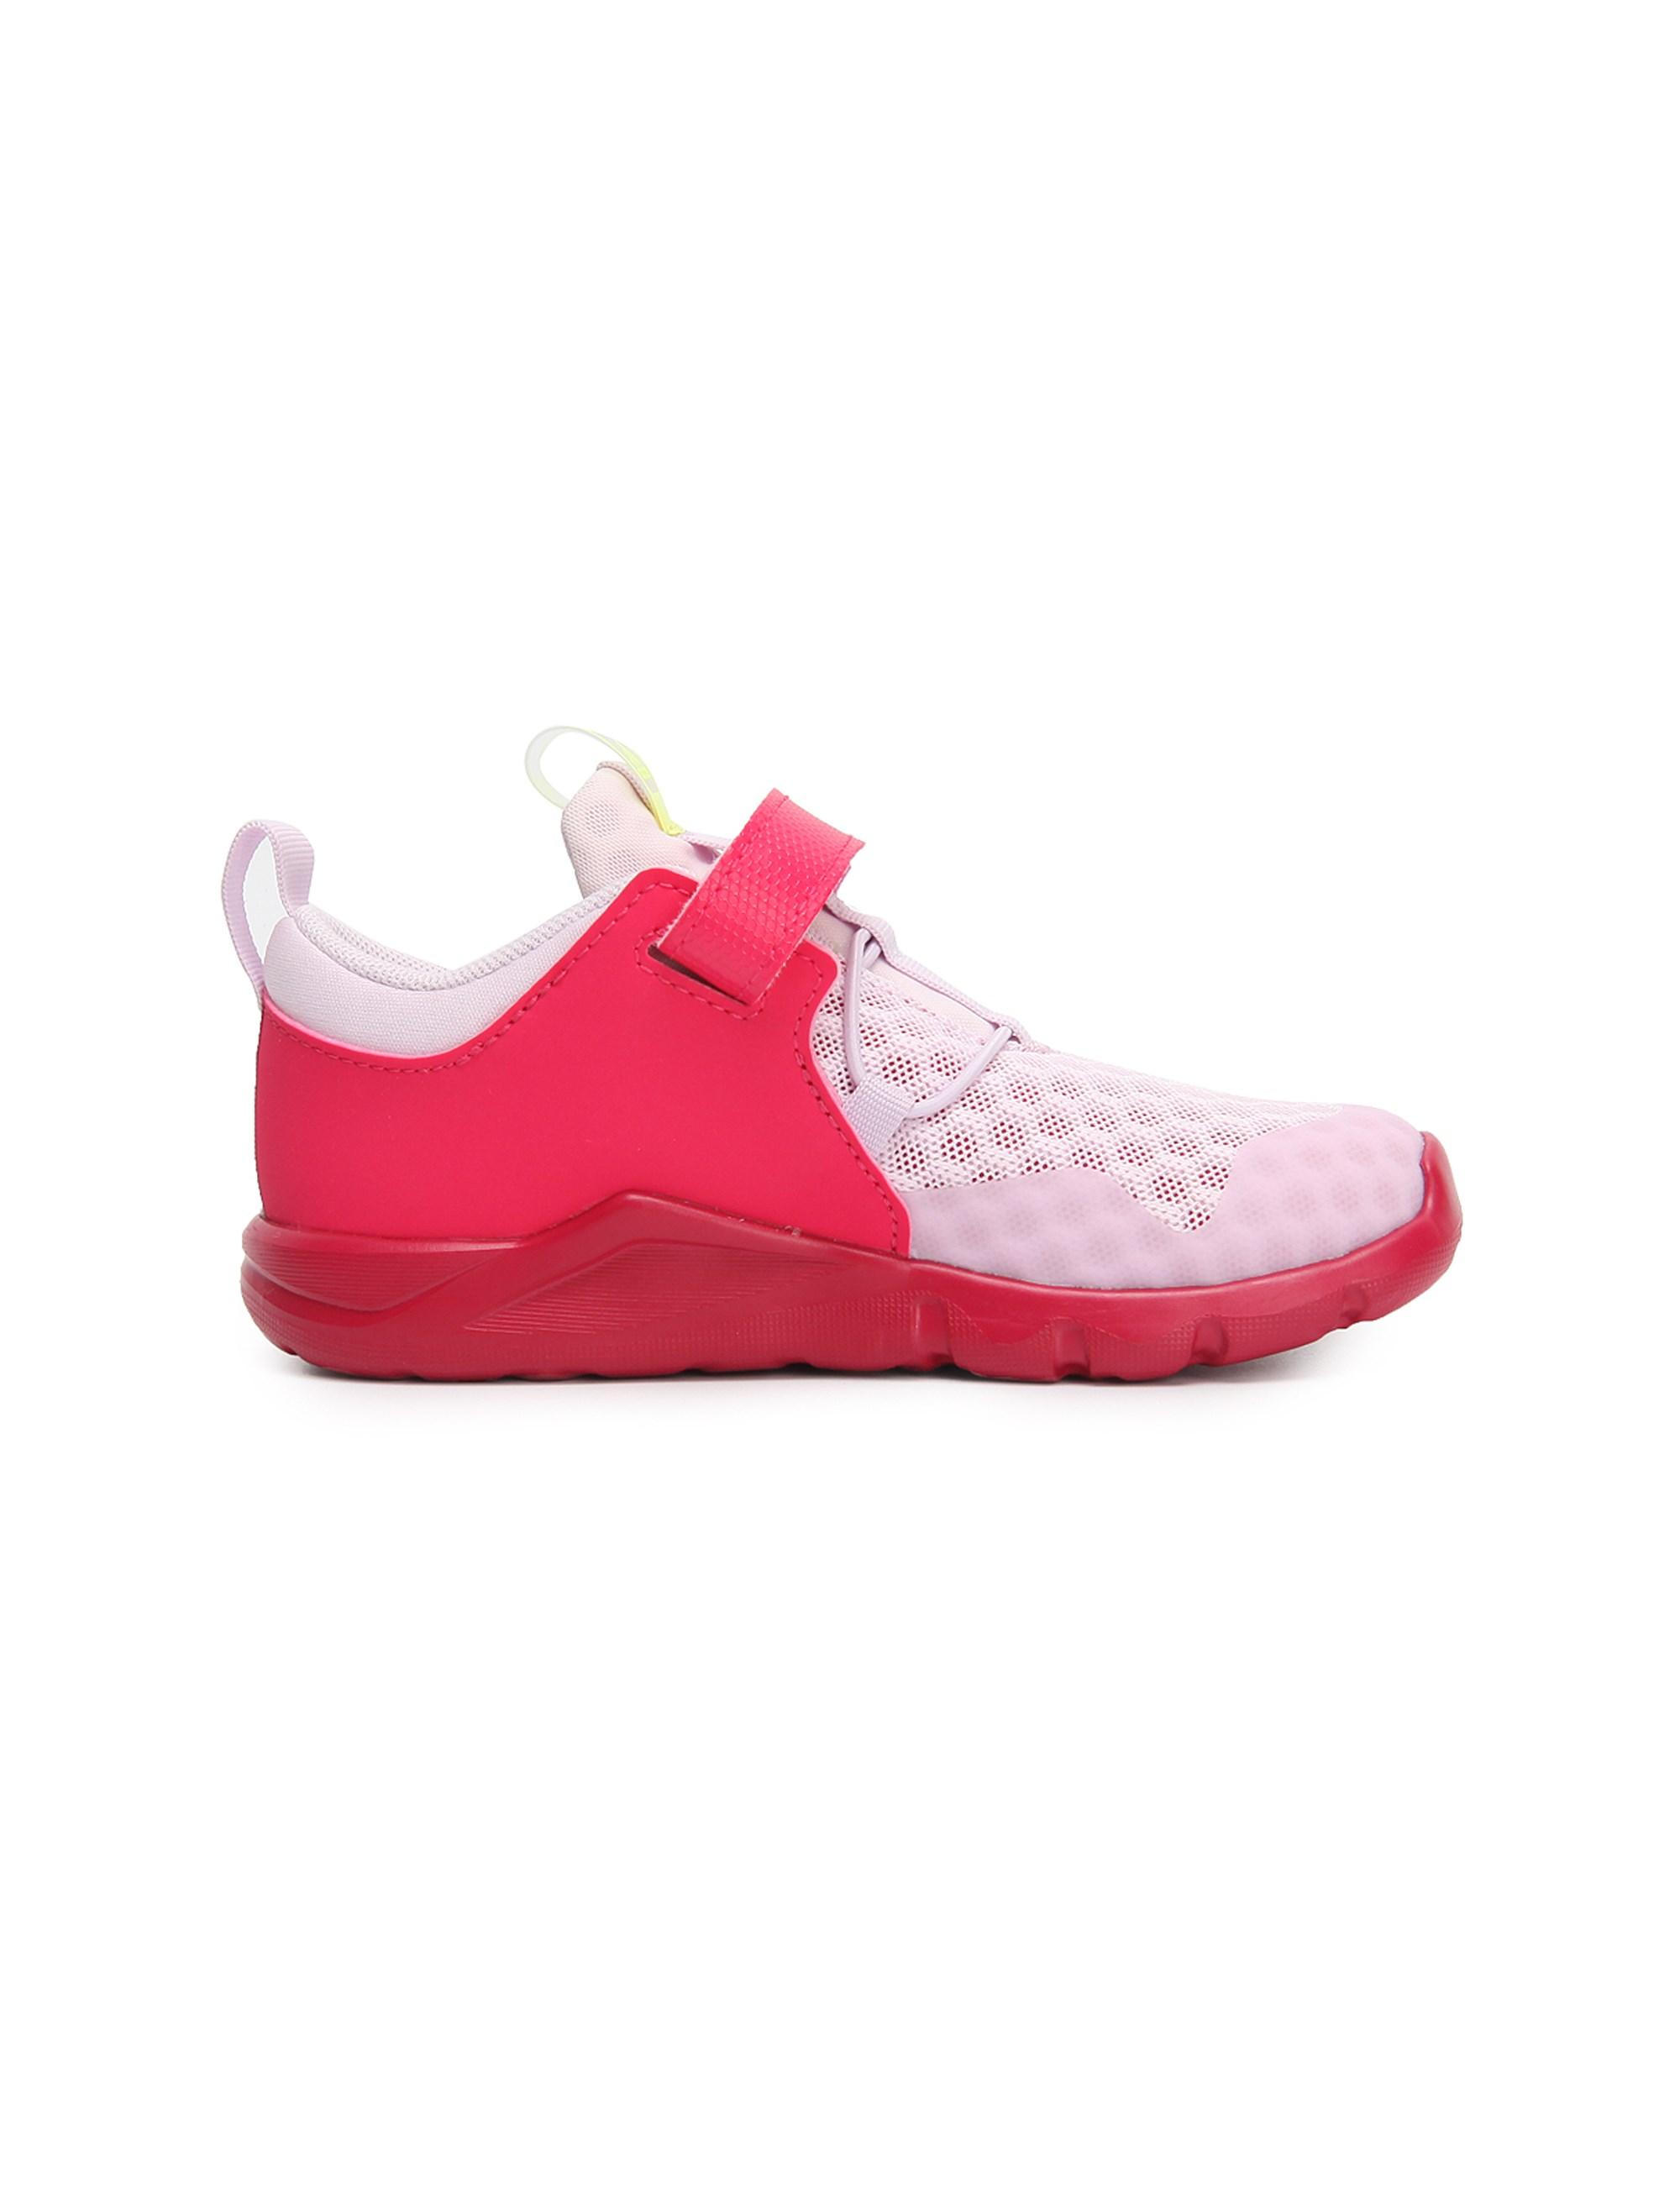 قیمت کفش تمرین چسبی دخترانه RapidaFlex 2 - آدیداس